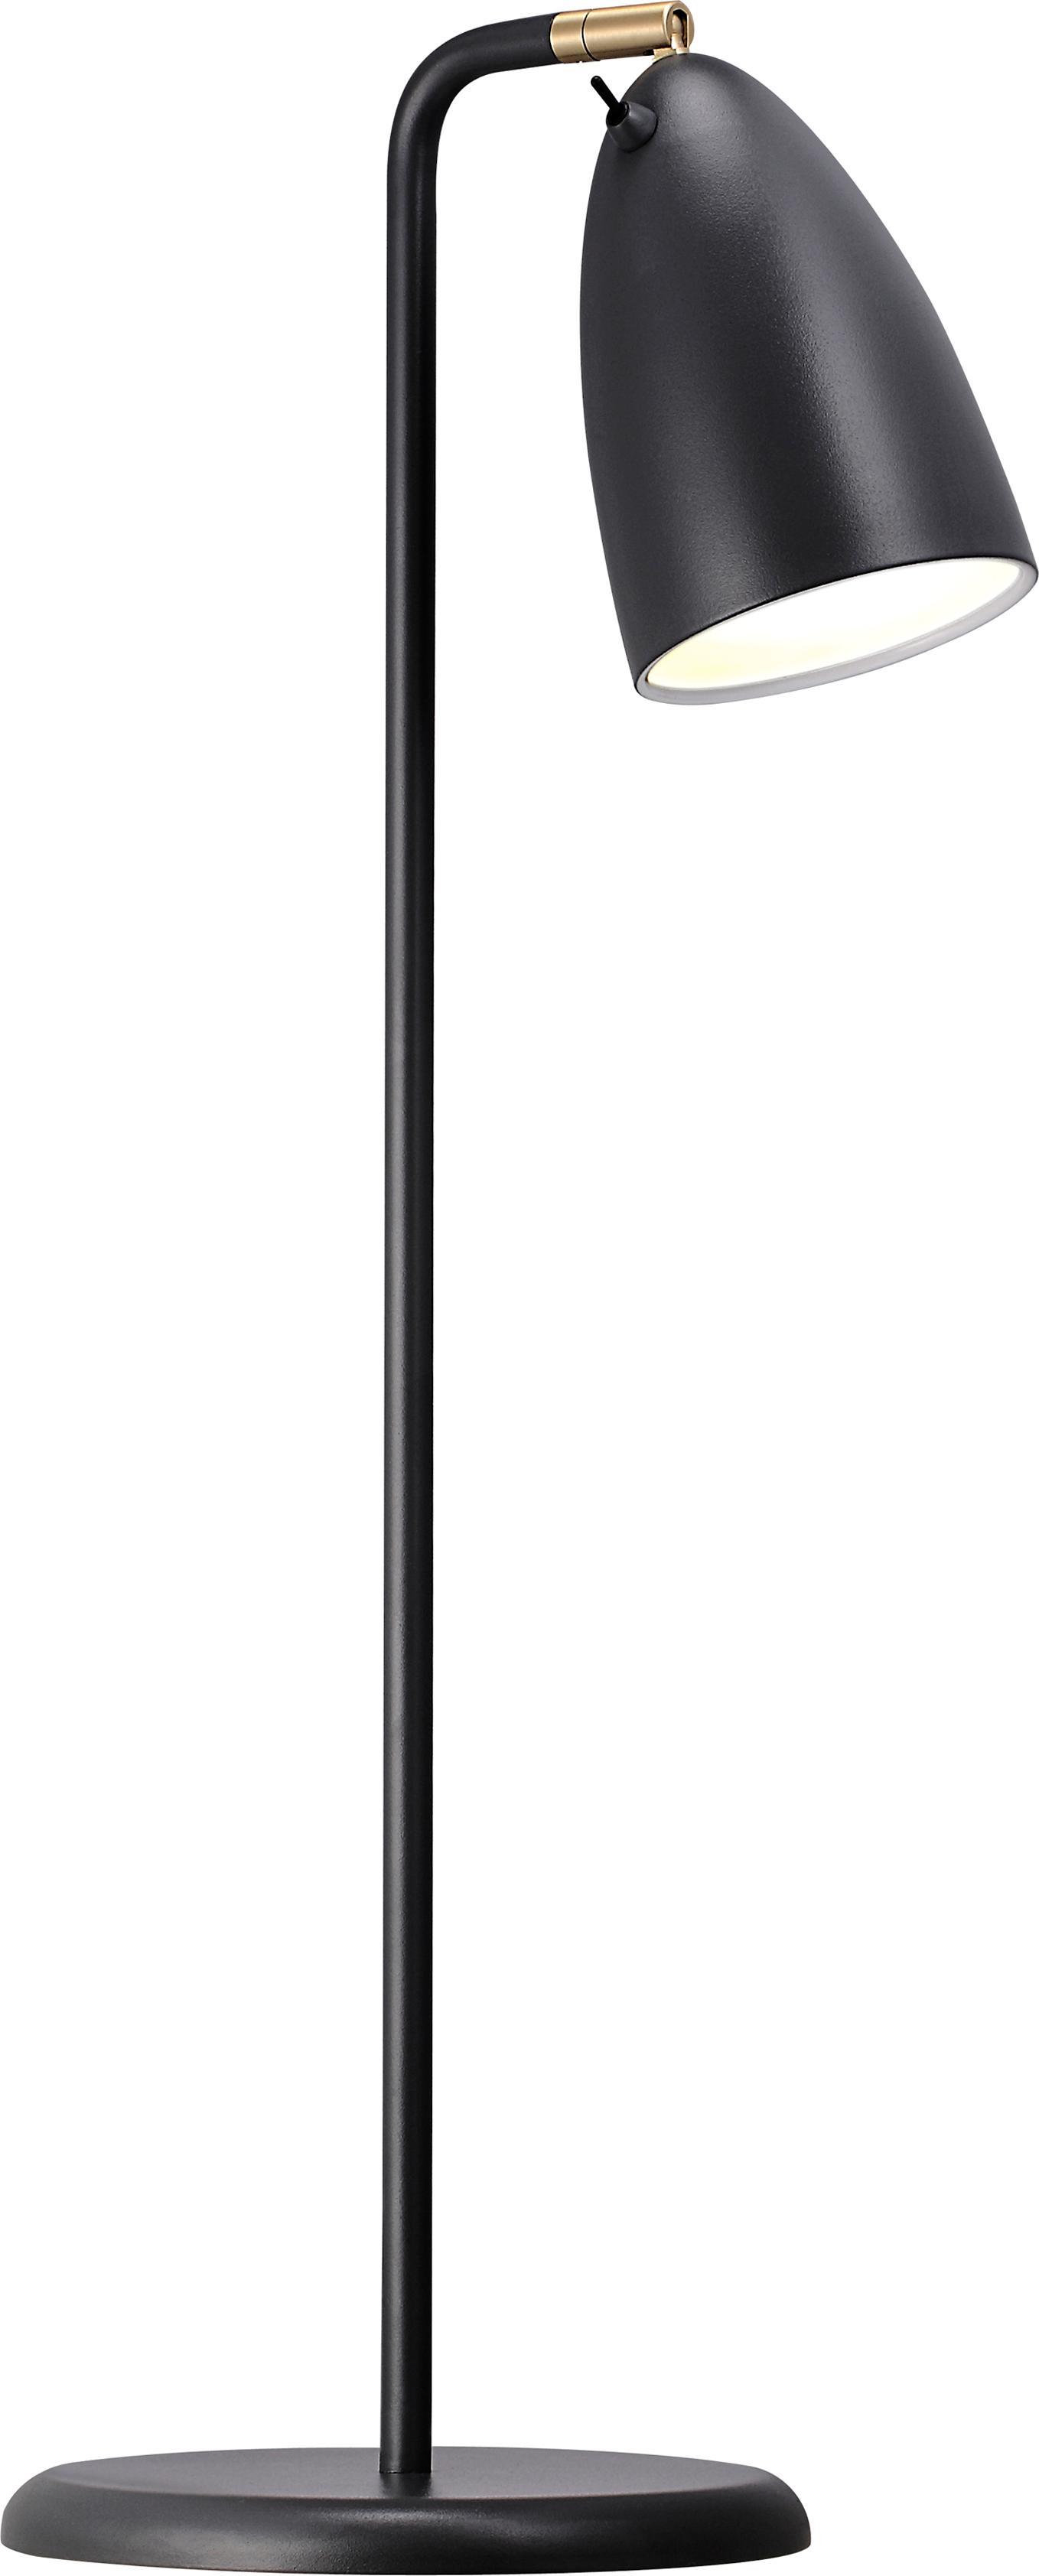 Lámpara de escritorio de metal Nexus 10, Pantalla: metal con pintura en polv, Base de la lámpara: metal con pintura en polv, Negro, An 28 x Al 63 cm